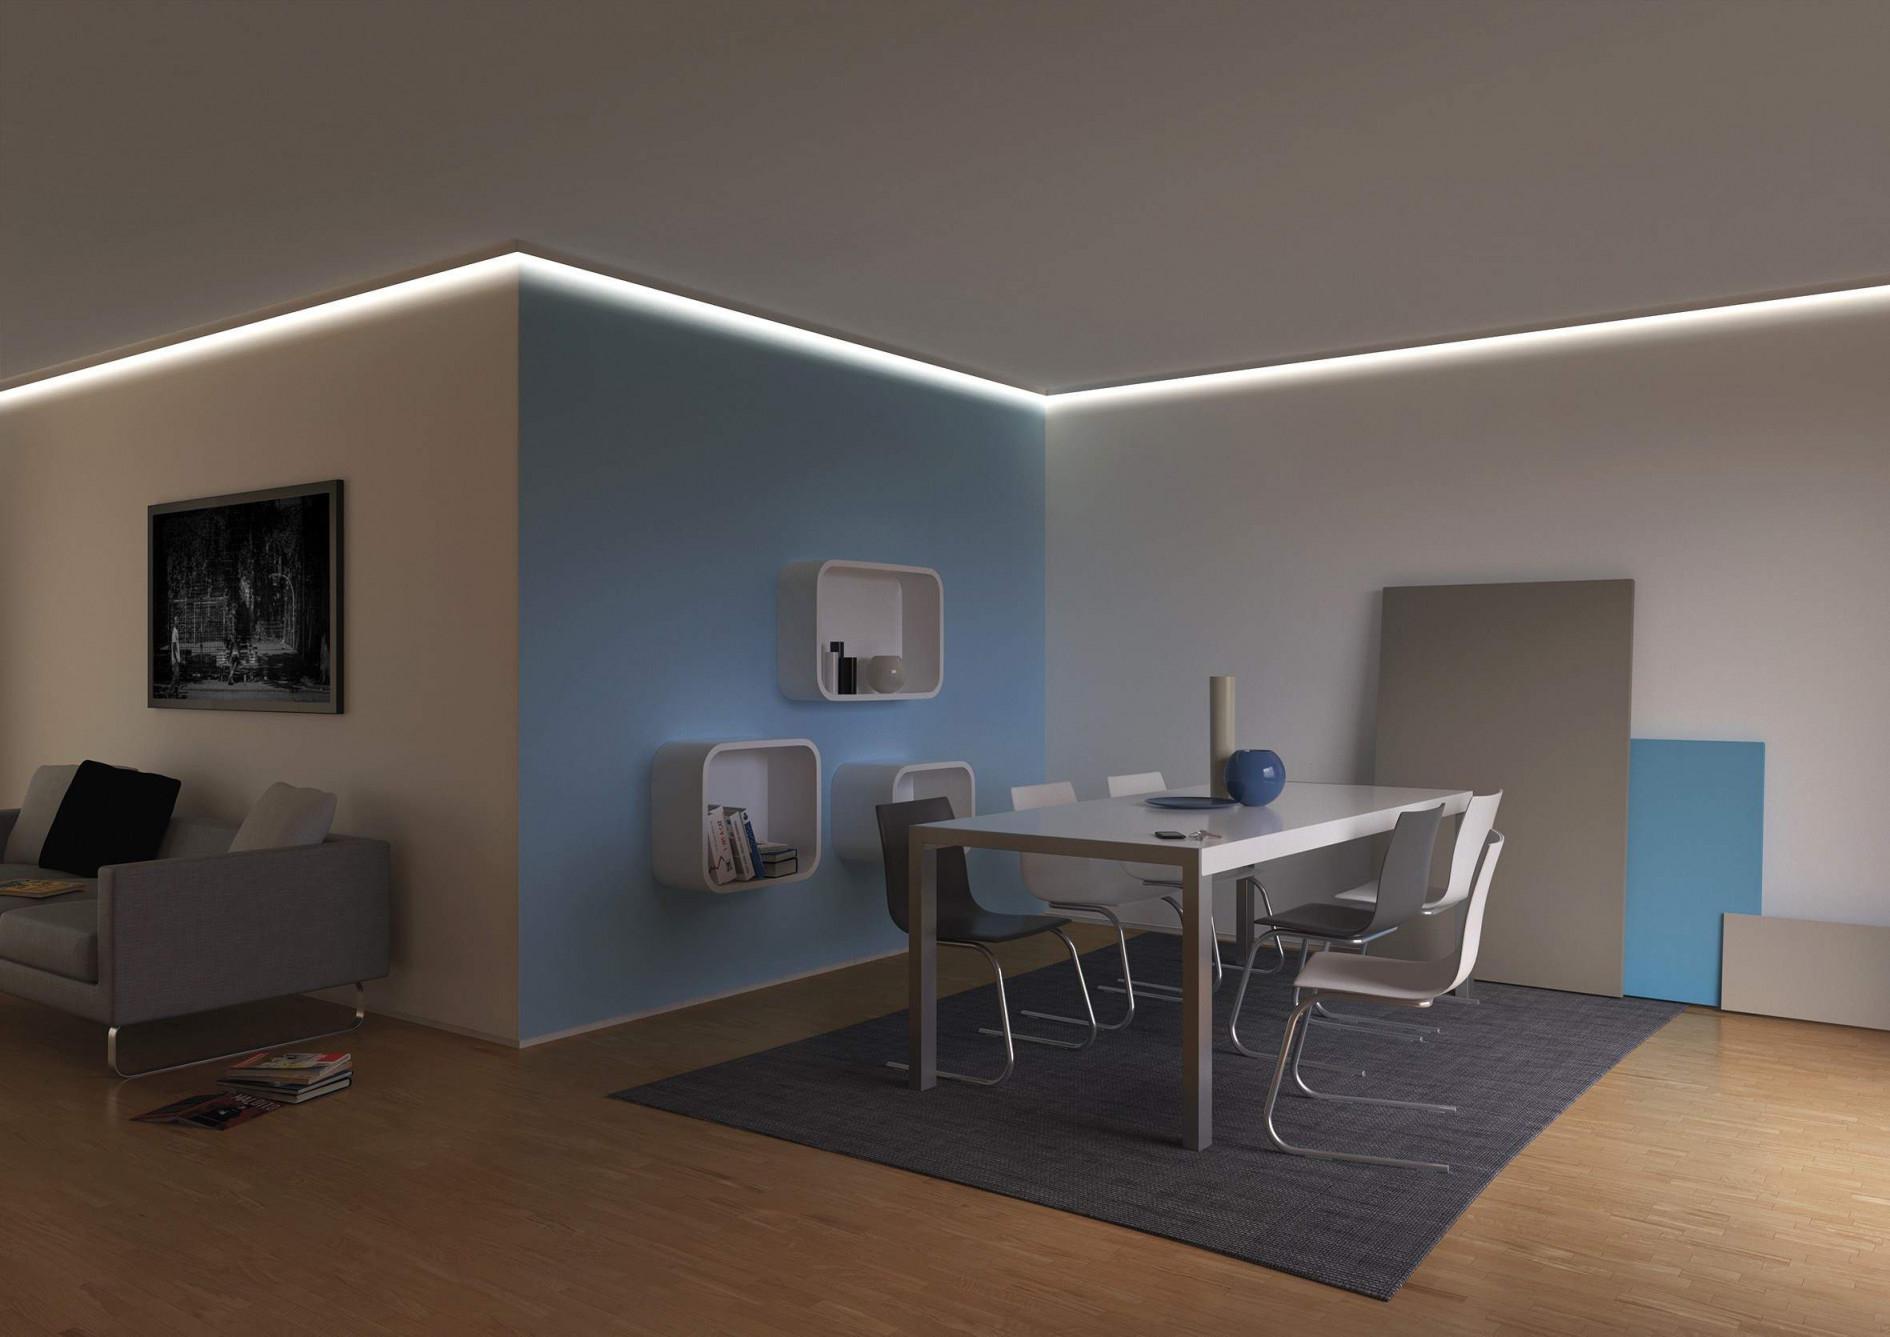 Deckengestaltung Wohnzimmer Beispiele Reizend Wohnzimmer von Deckengestaltung Wohnzimmer Ideen Bild